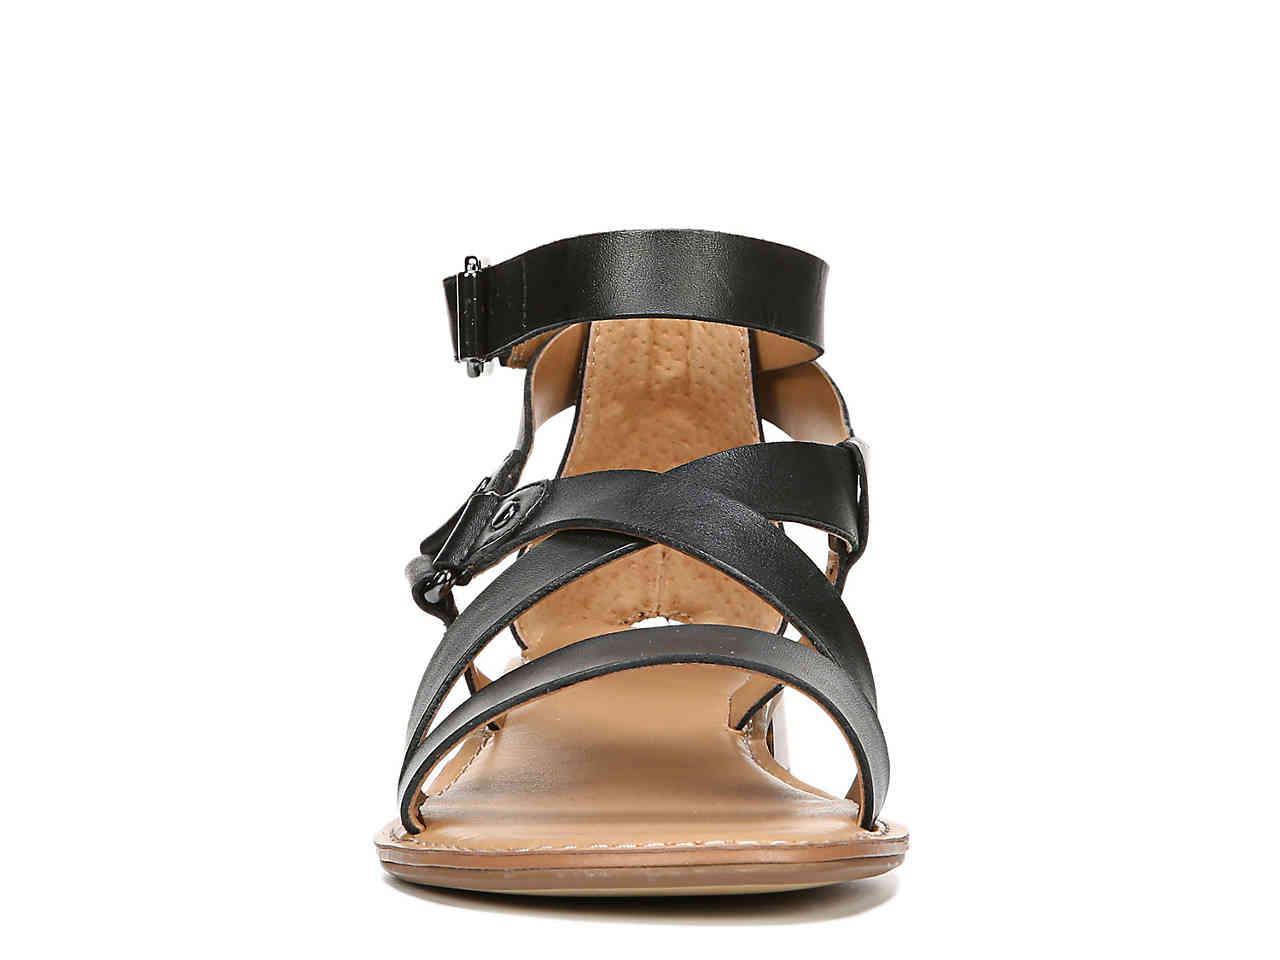 042a4569aaea Lyst - Franco Sarto April Gladiator Sandal in Black